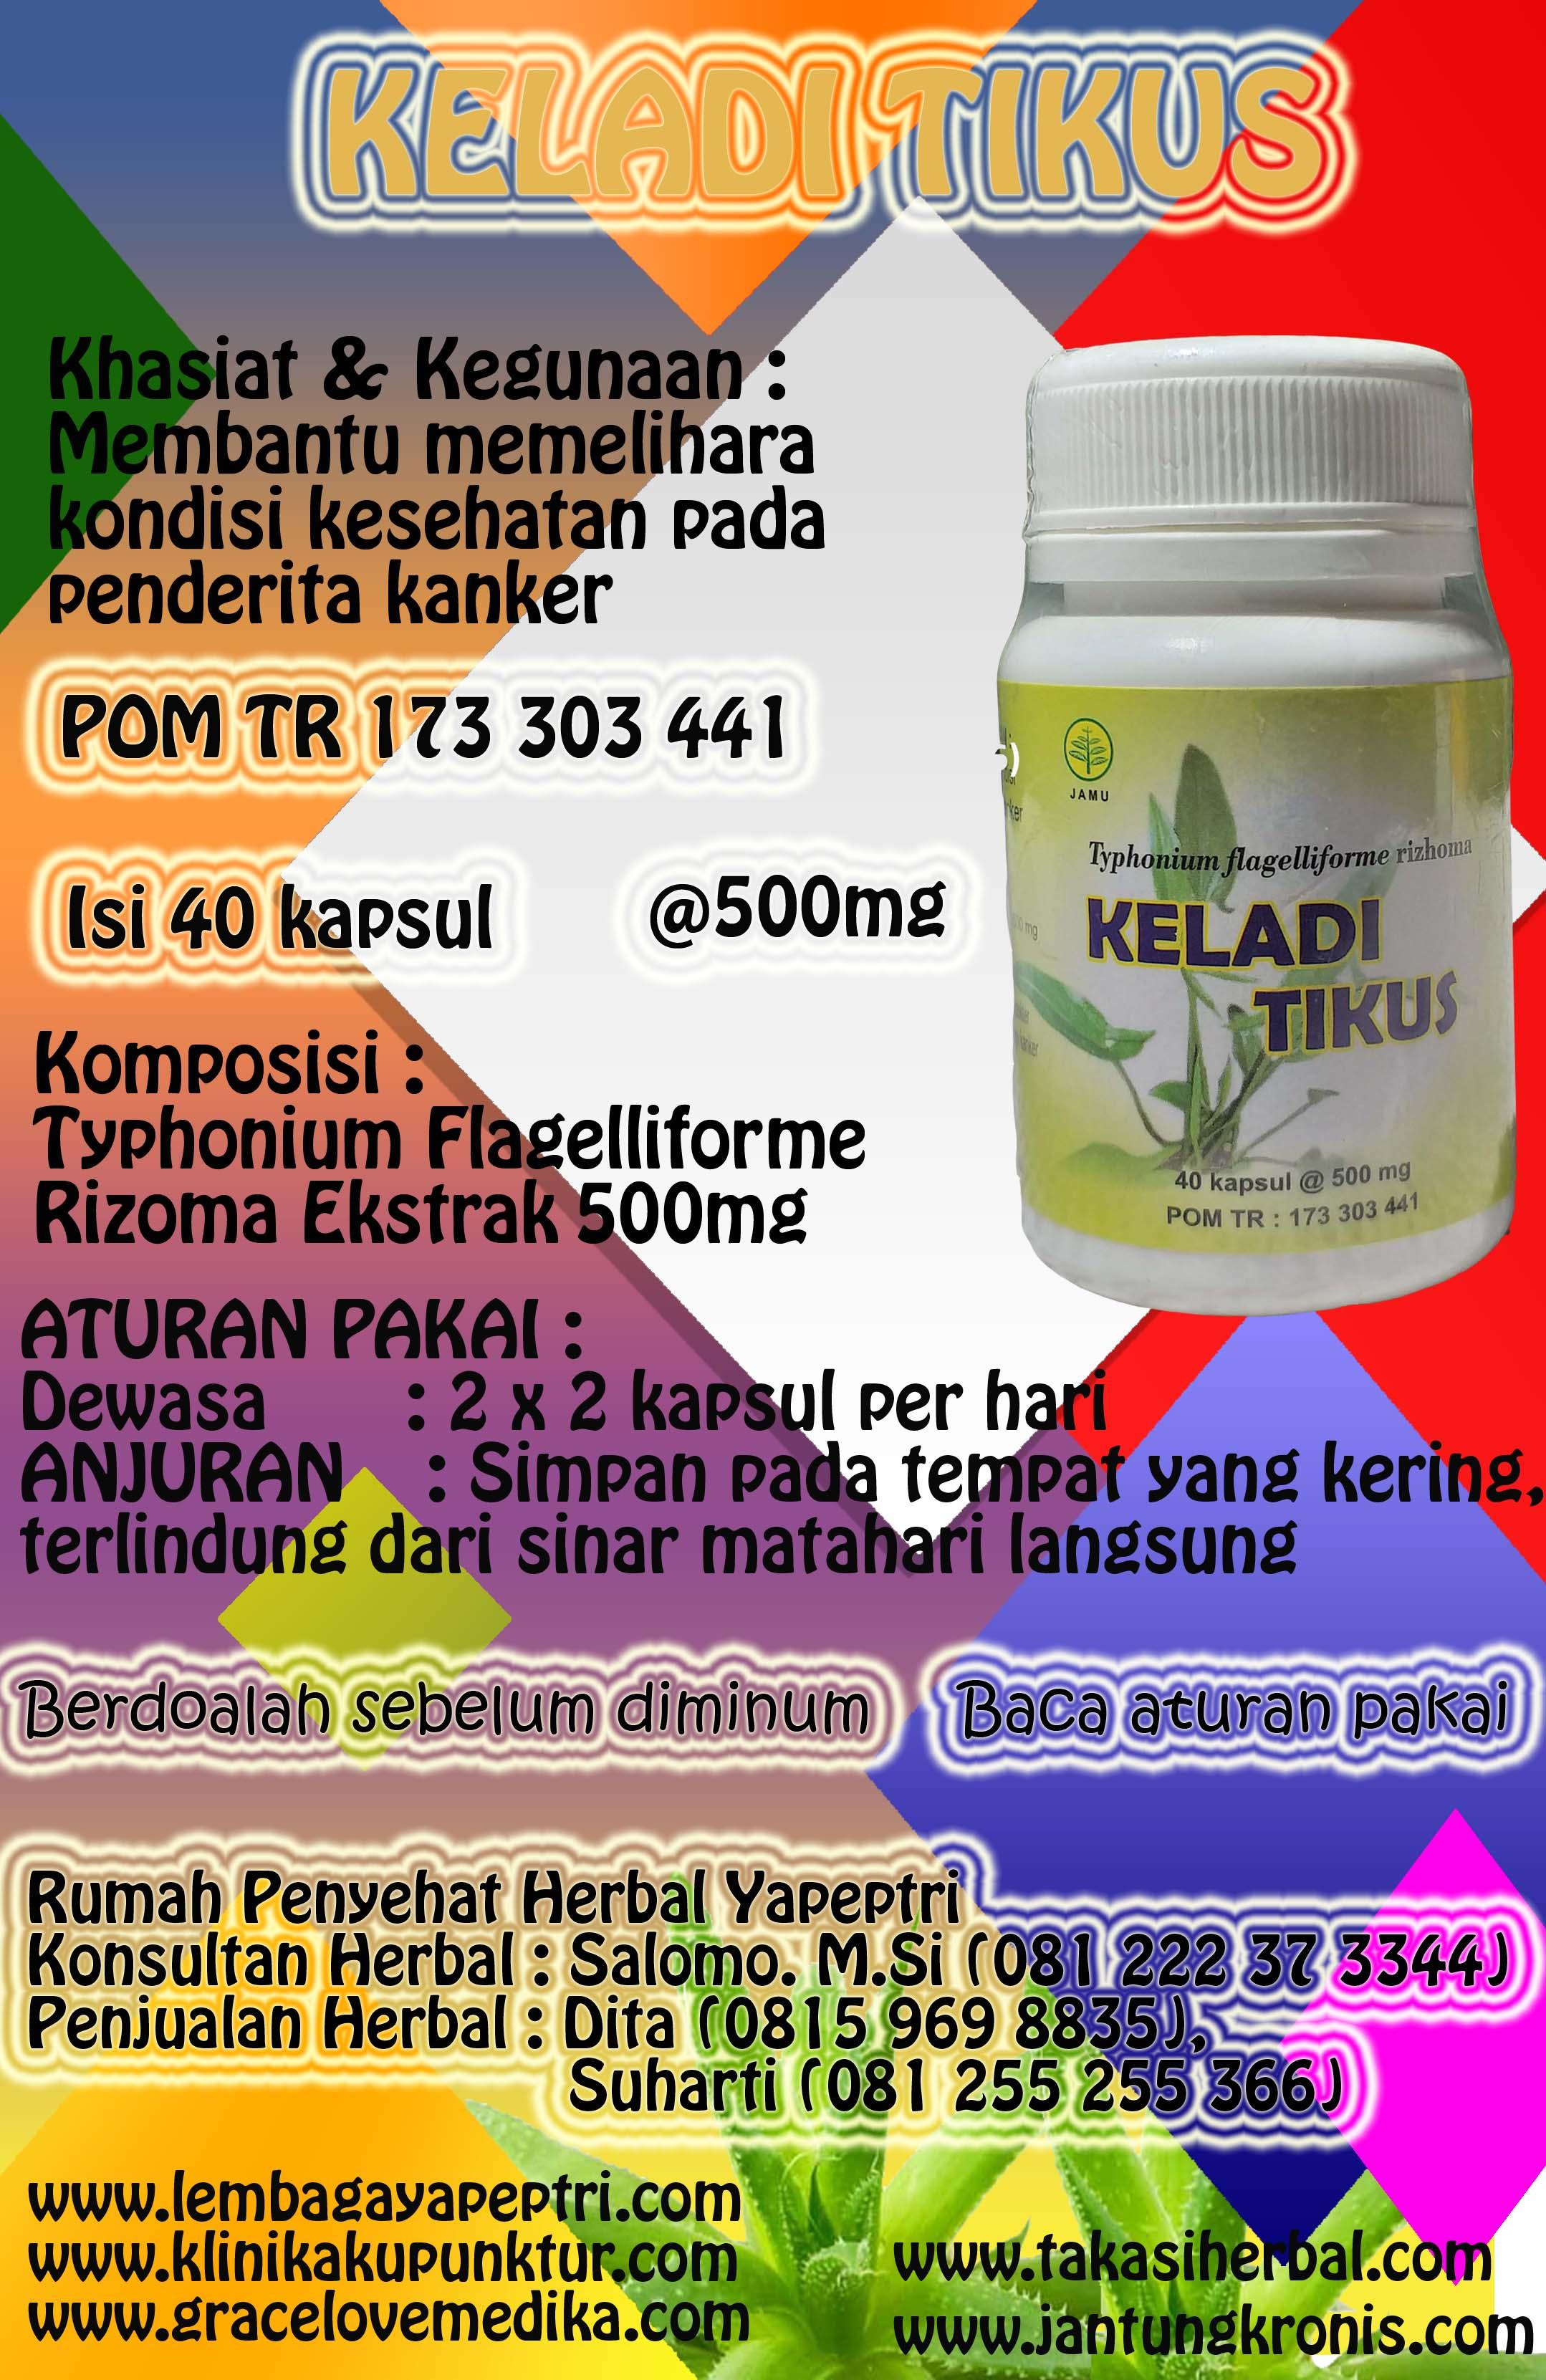 HERBAL KELADI TIKUS Digunakan Untuk mengobati Kanker dan Tumor